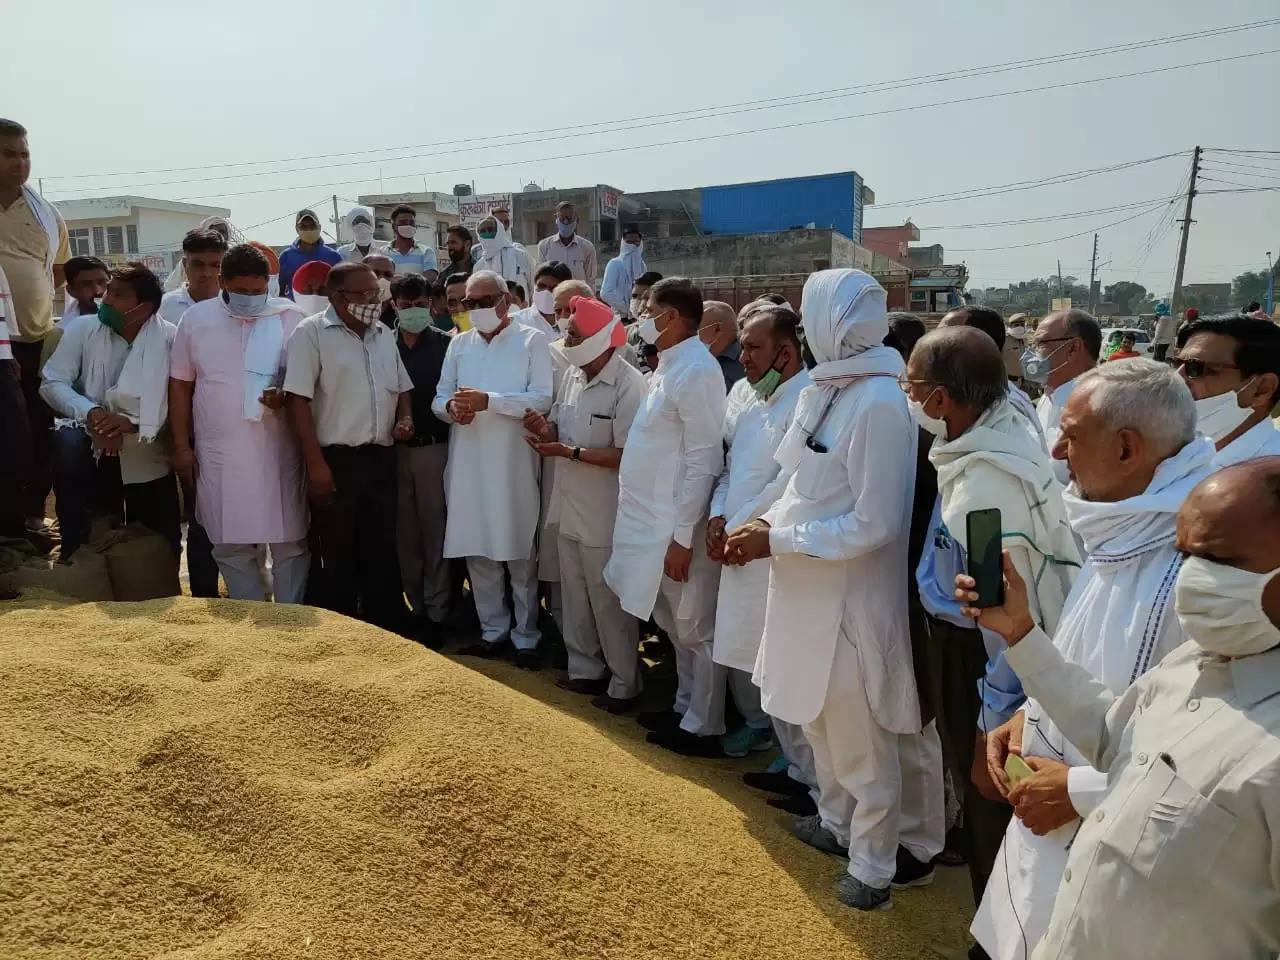 मंडियों में फैली अव्यवस्था और किसानों की परेशानी देखकर सरकार पर बरसे भूपेंद्र सिंह हुड्डा